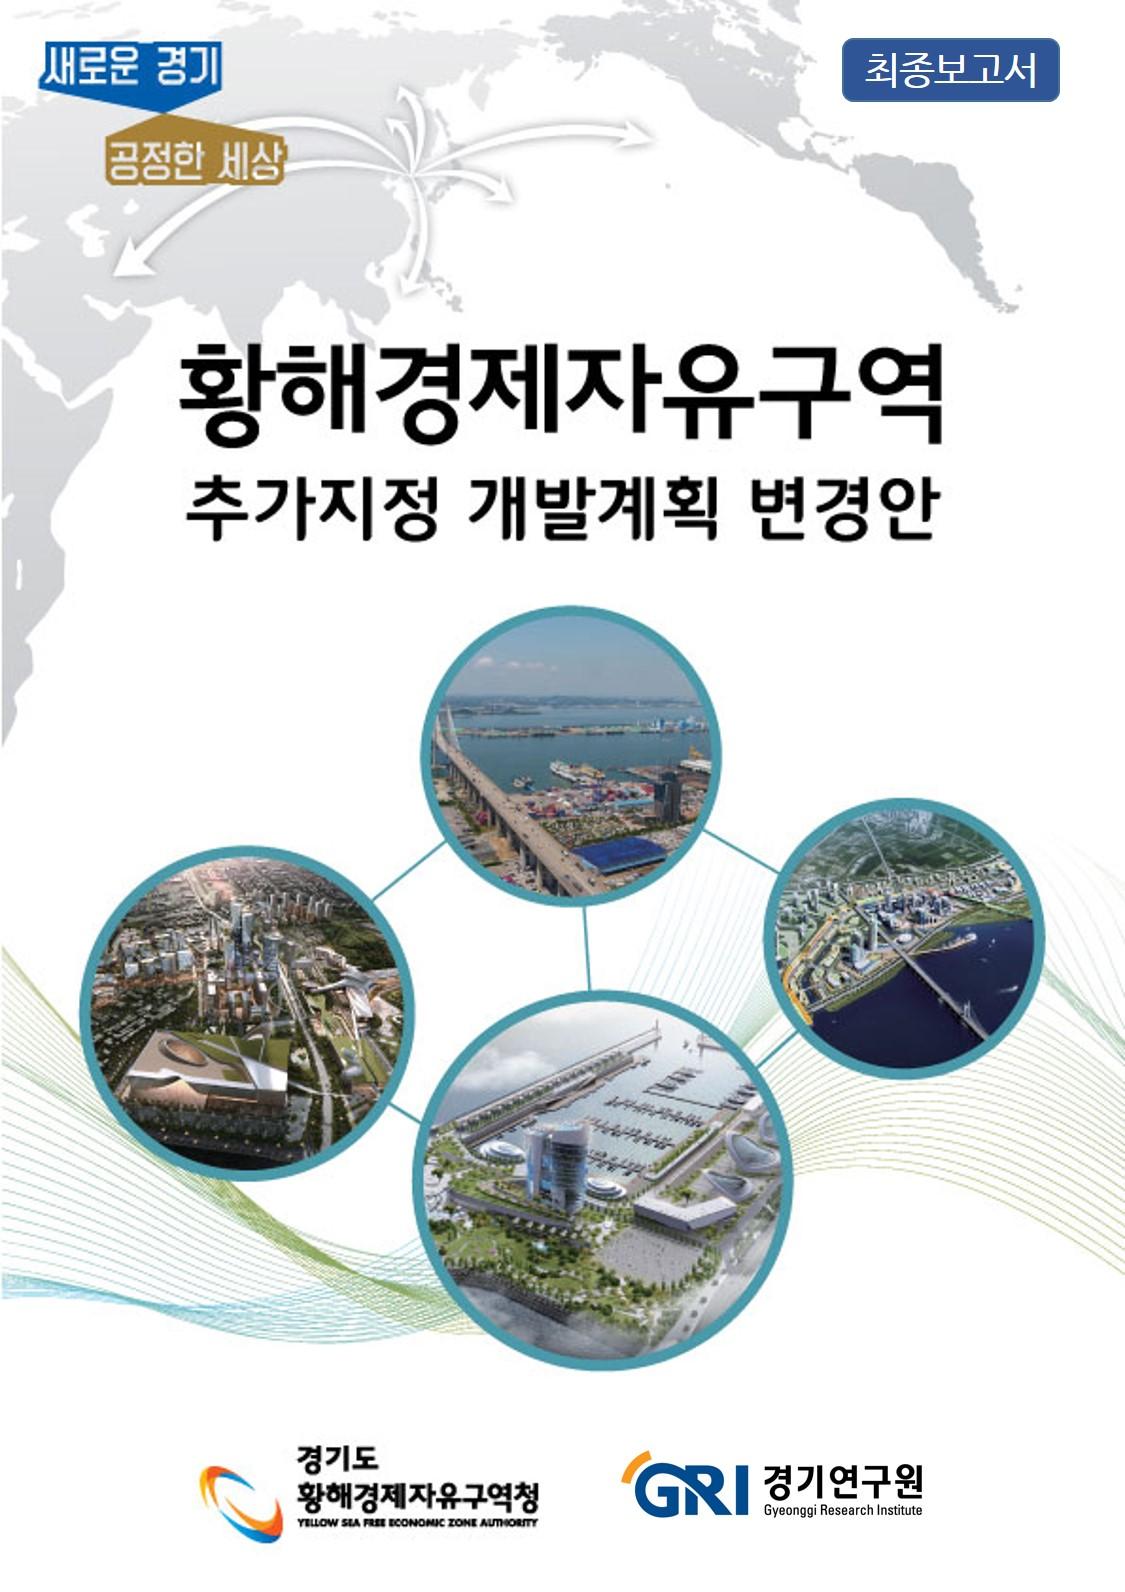 황해경제자유구역 추가지정 개발계획 변경안 image